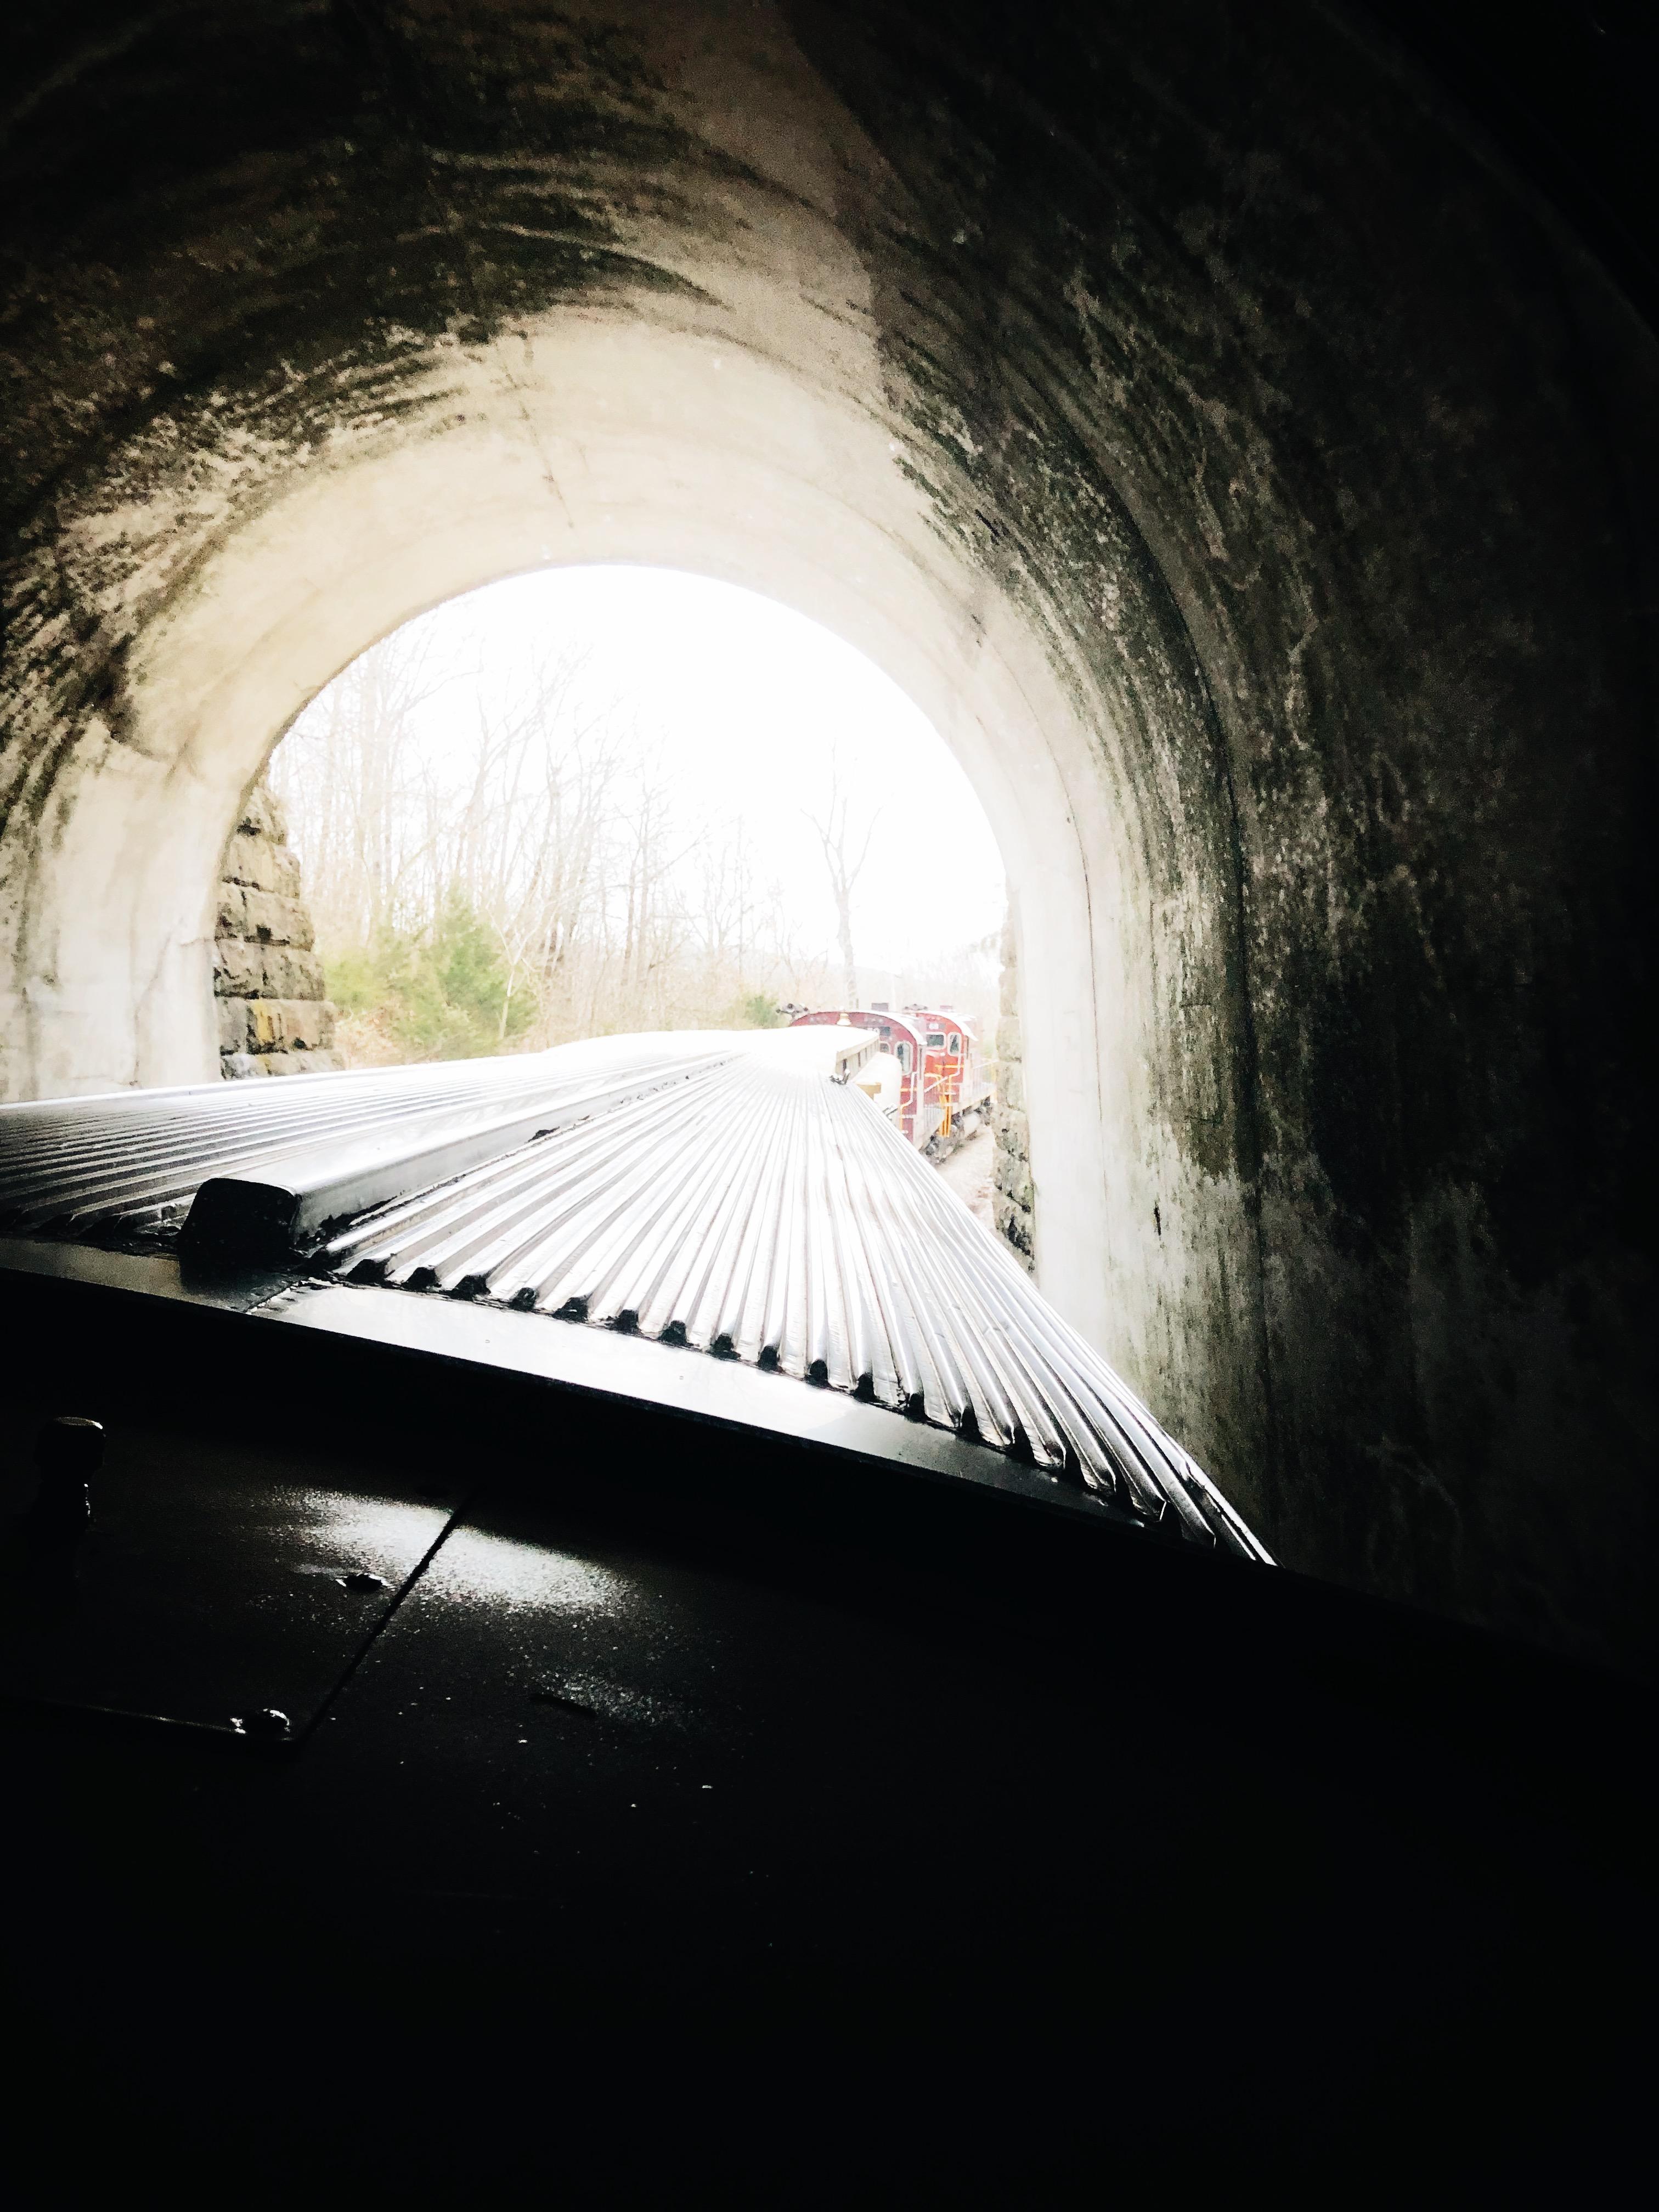 train in a tunnel